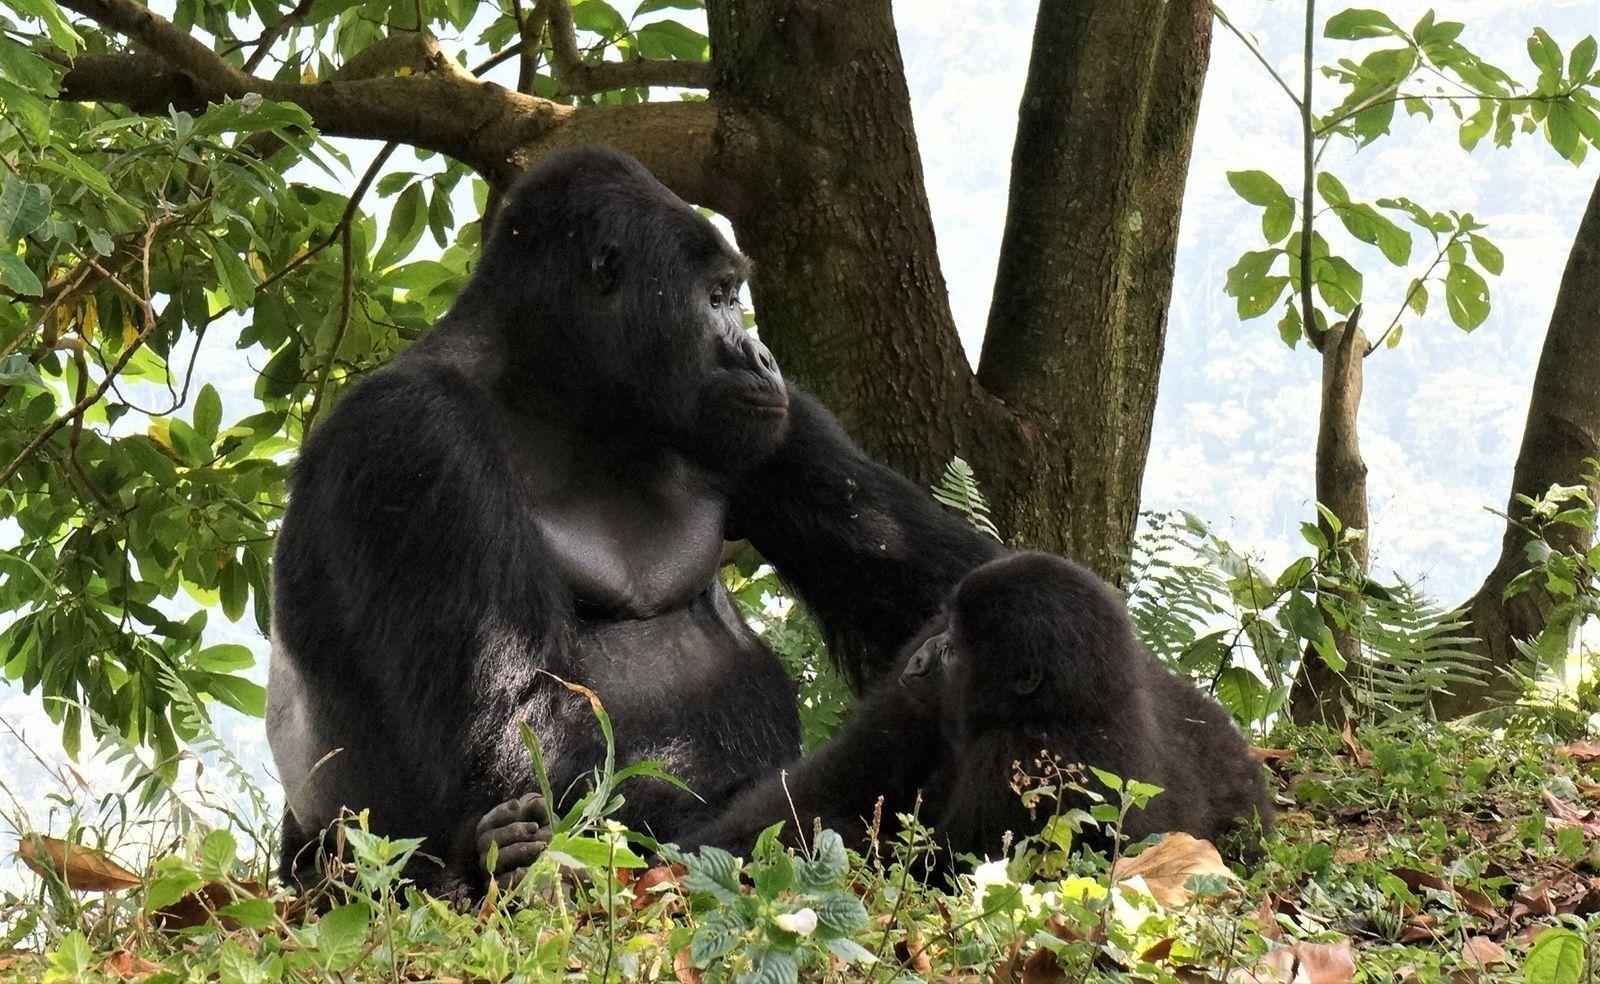 Adorado pelos turistas, famoso gorila é morto por caçadores em Uganda